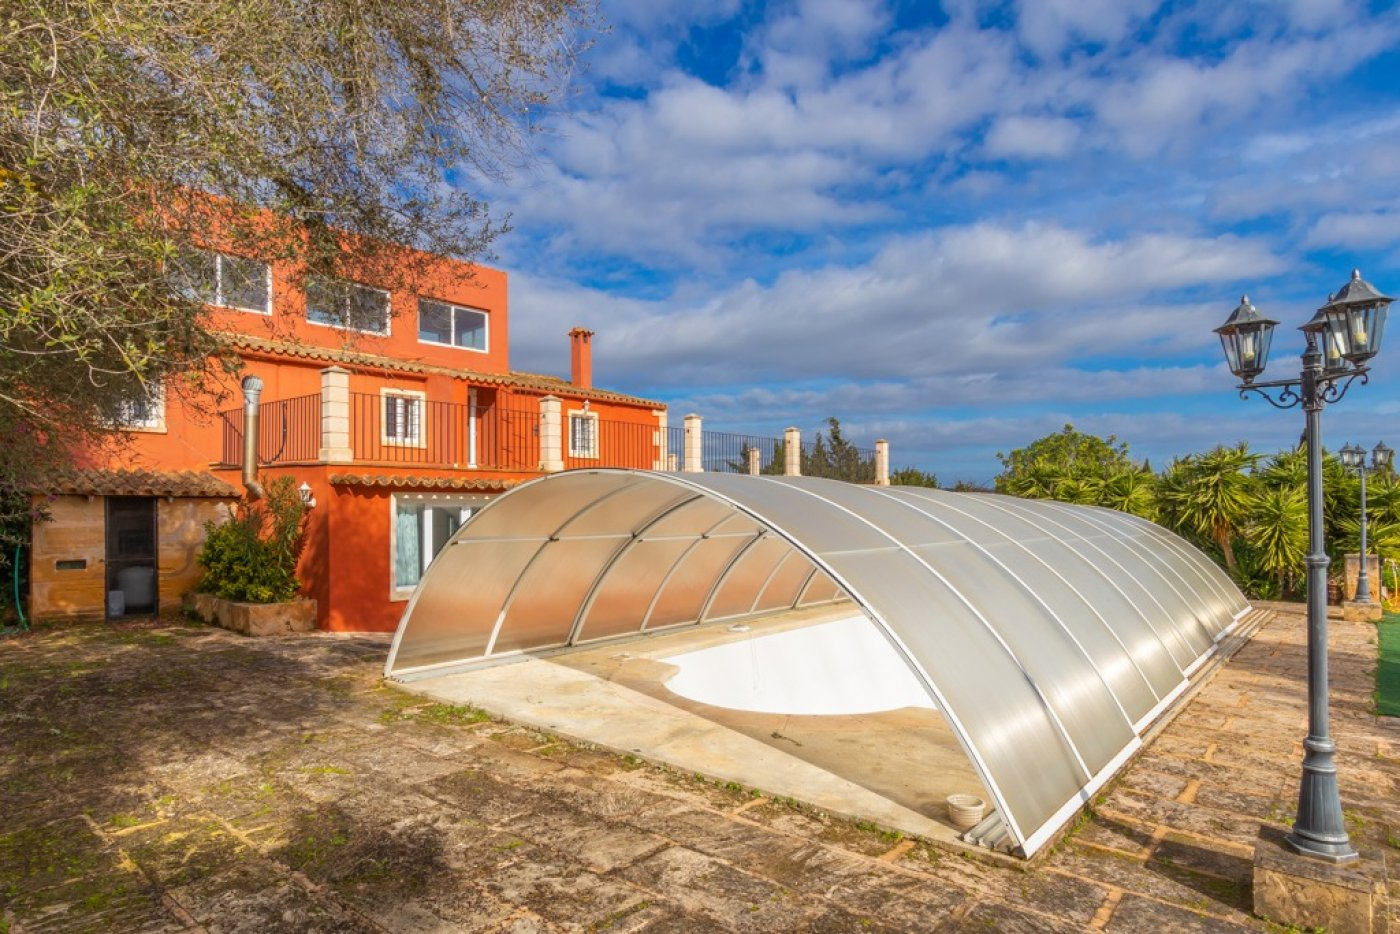 Magnifica villa en ses salines - can somni - ideal inversores turÍsticos - imagenInmueble5